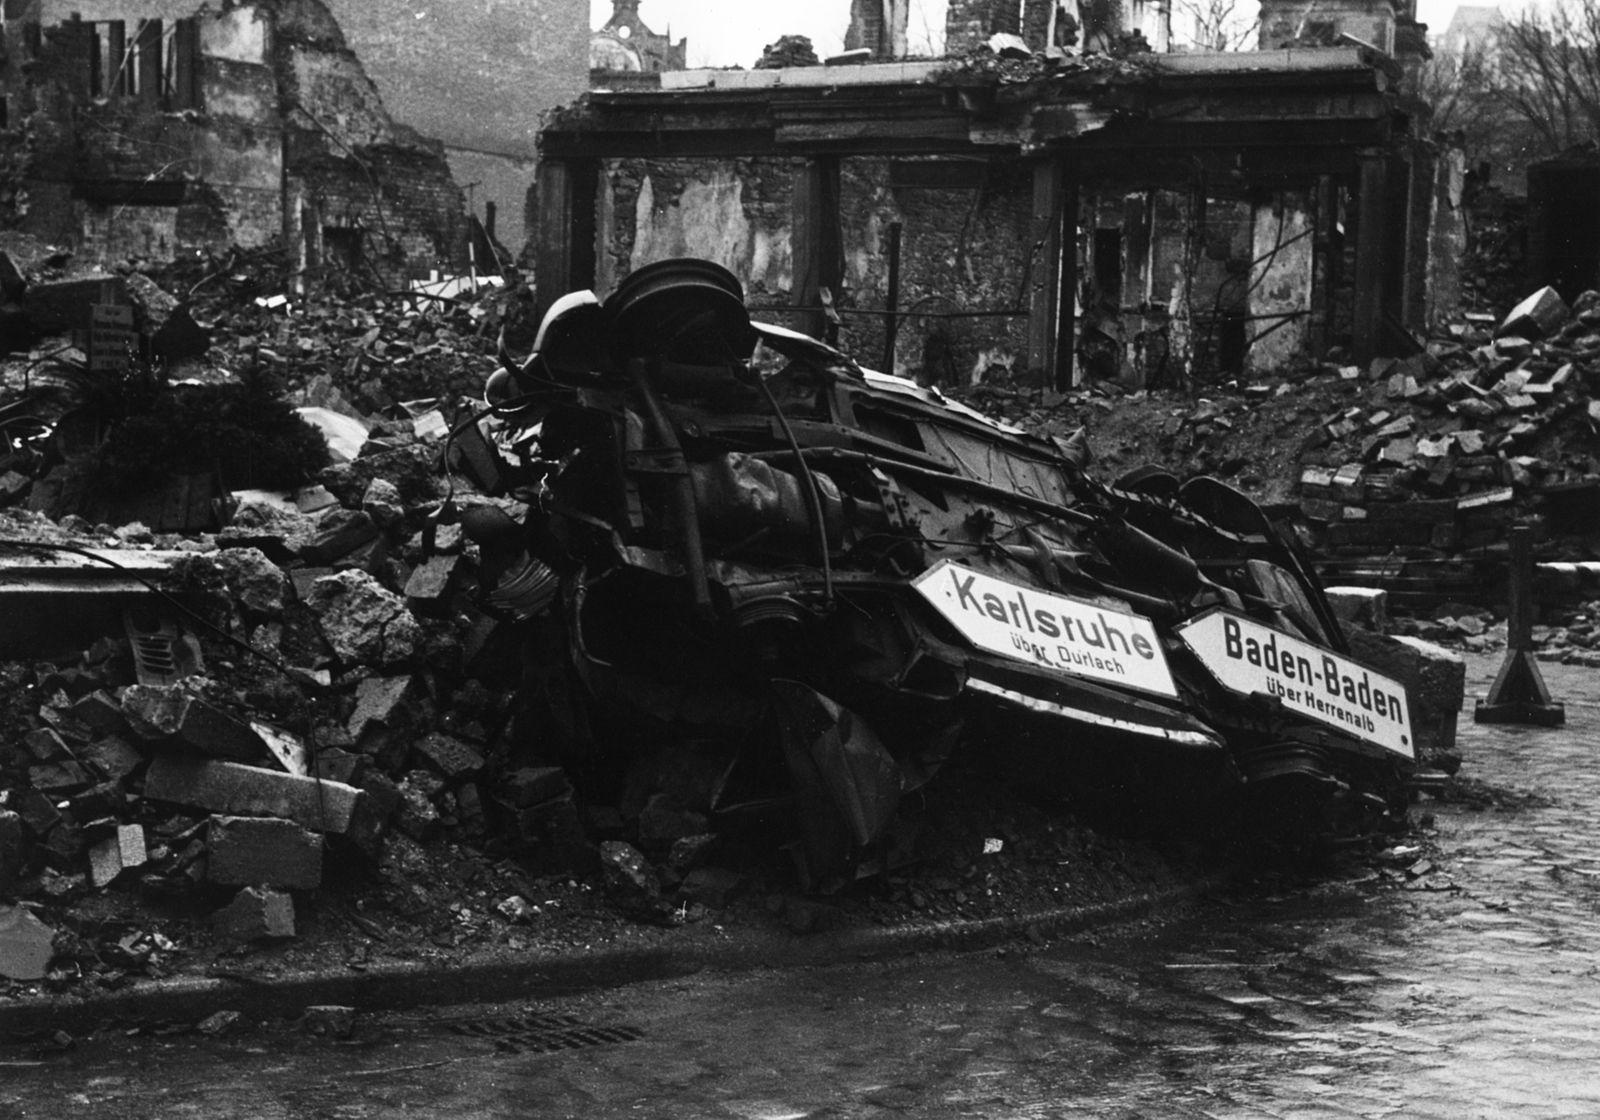 Pforzheim Bombardierung - Wegweiser an einem Autowrack in Pforzheim